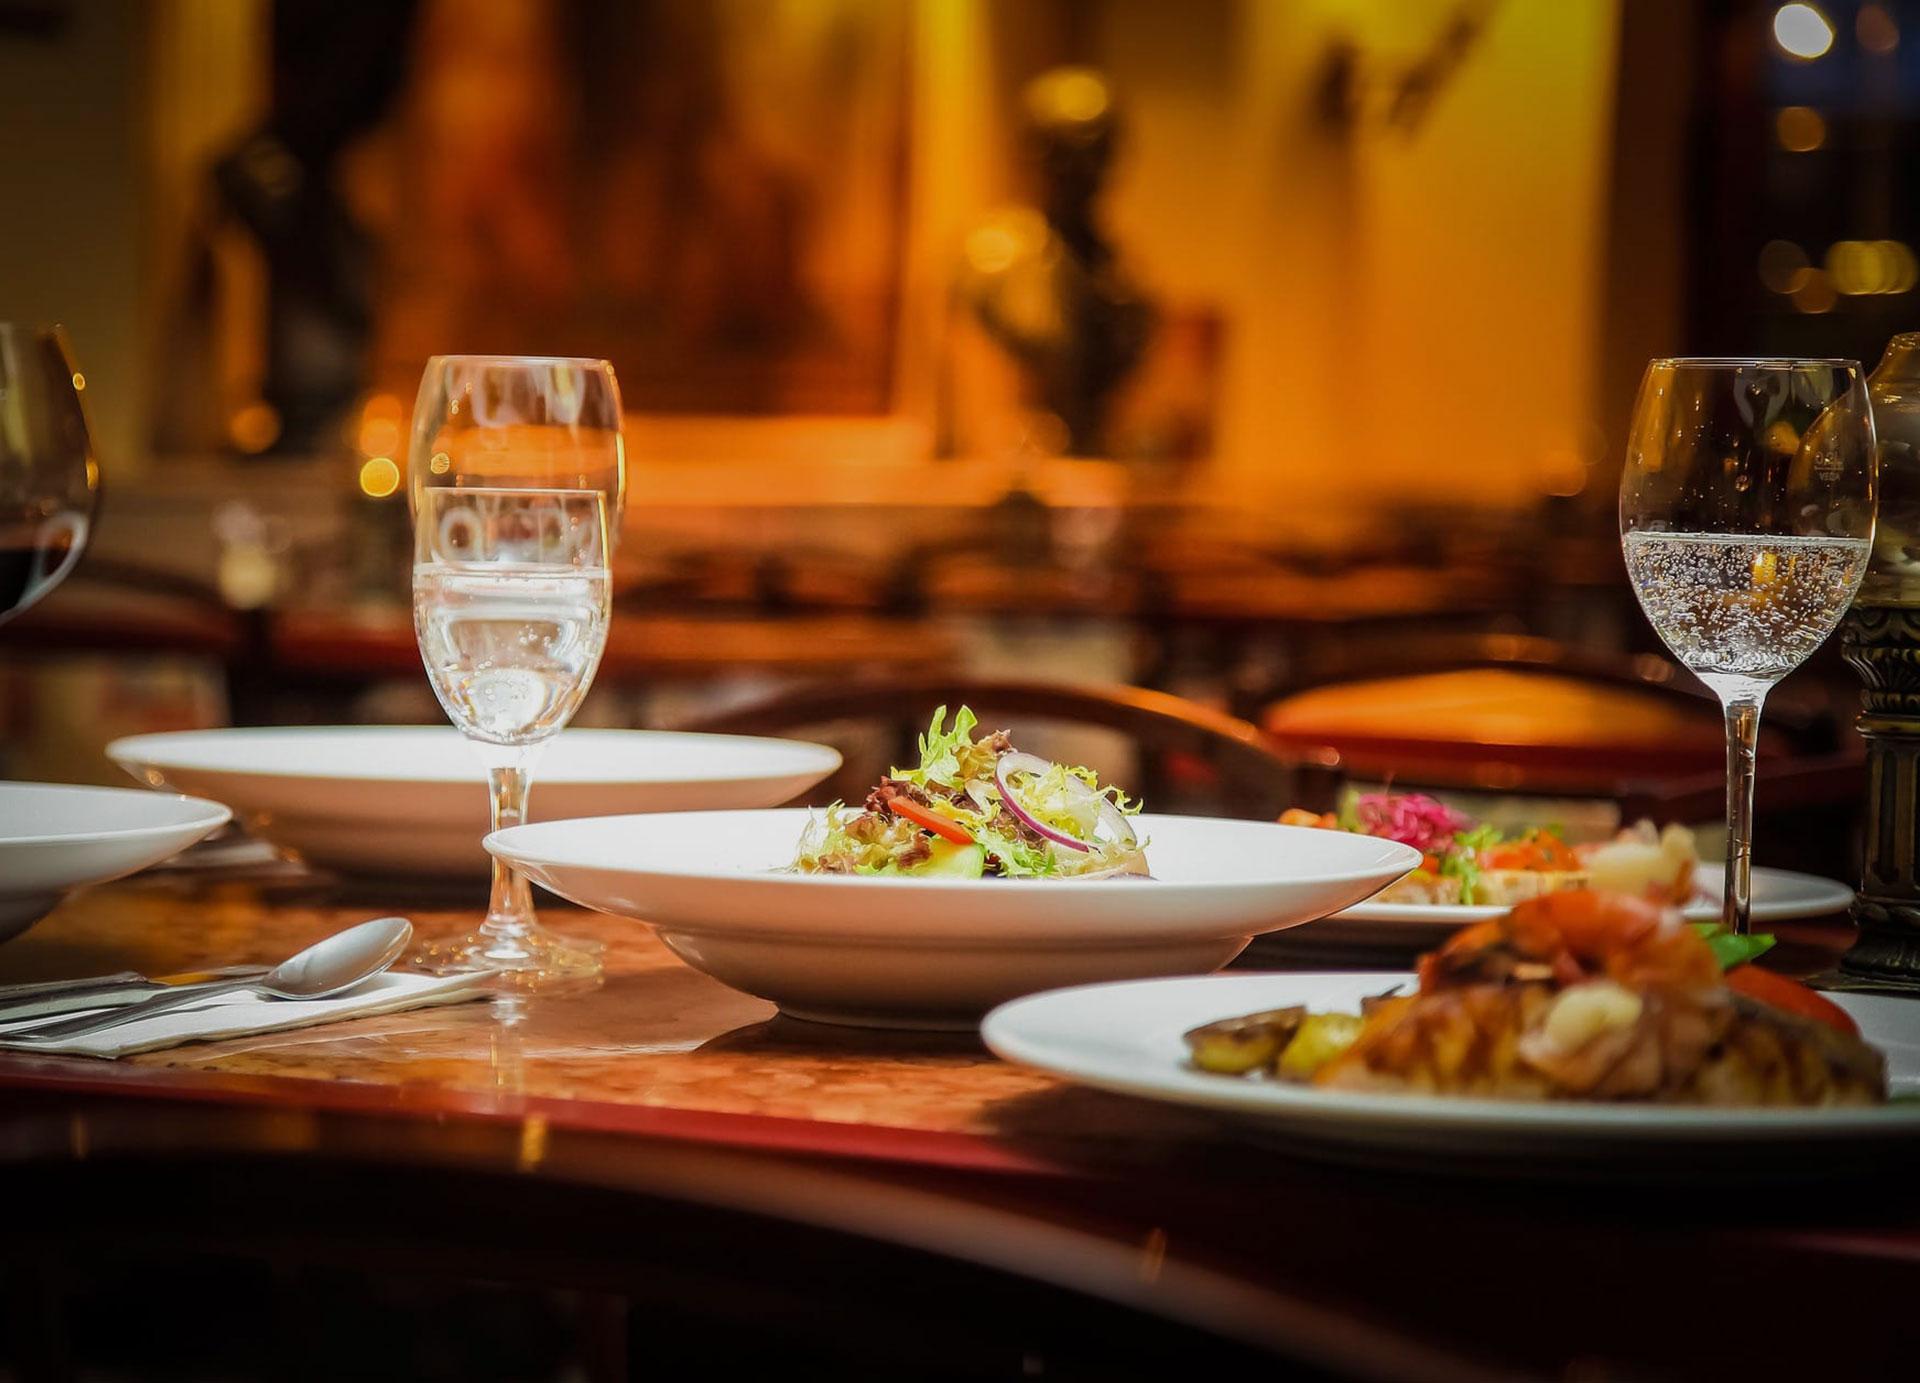 Ihr Ereignis, unsere Gastronomie